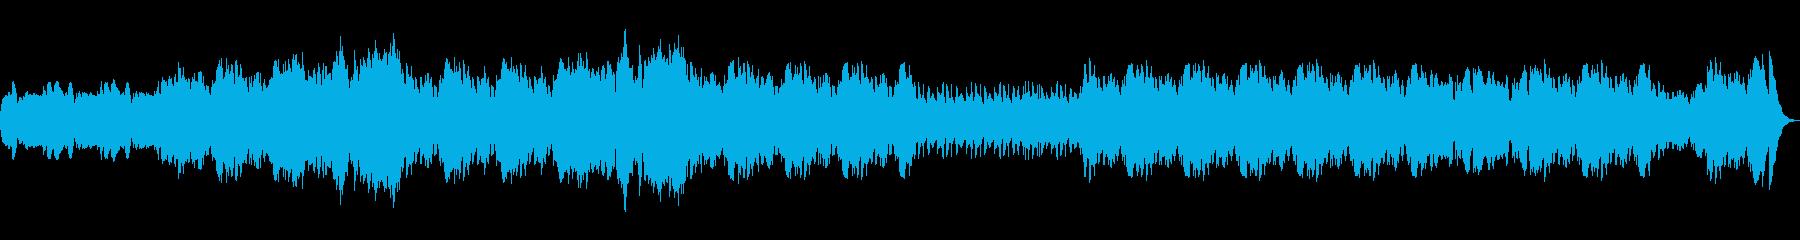 ずっと転がっていくような旋律の再生済みの波形